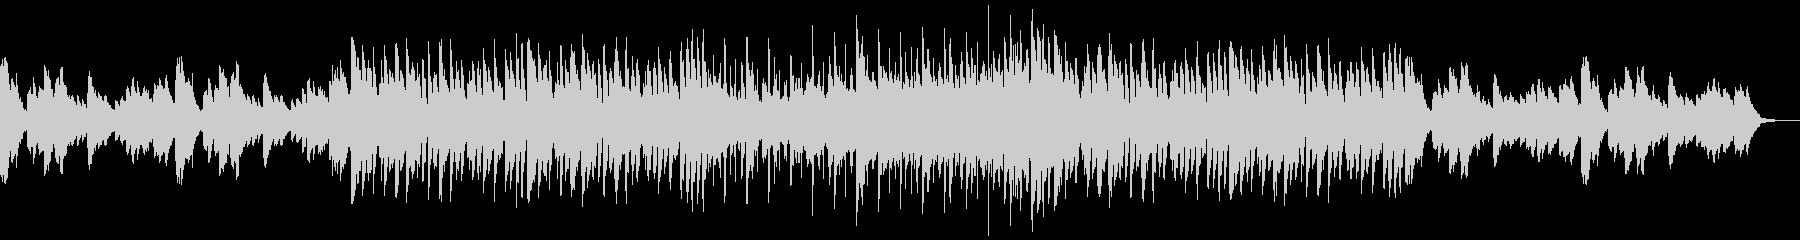 メロディアスなBGM向けハウスの未再生の波形